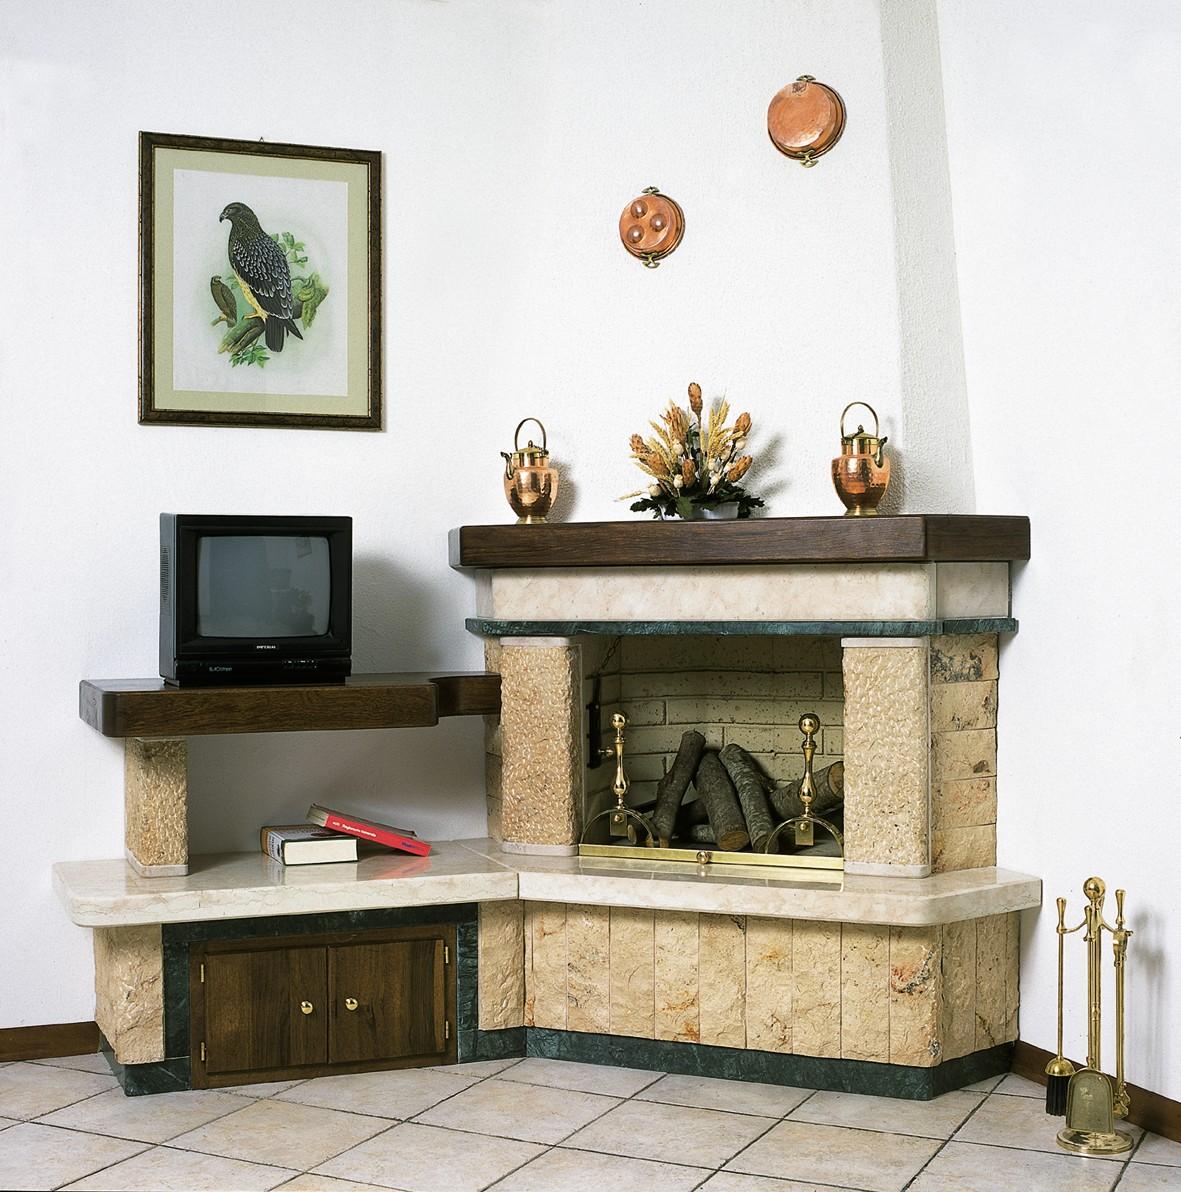 Camini soggiorno caminetto rustico 600 toscana marmi for Affitti cabina michigan con camino